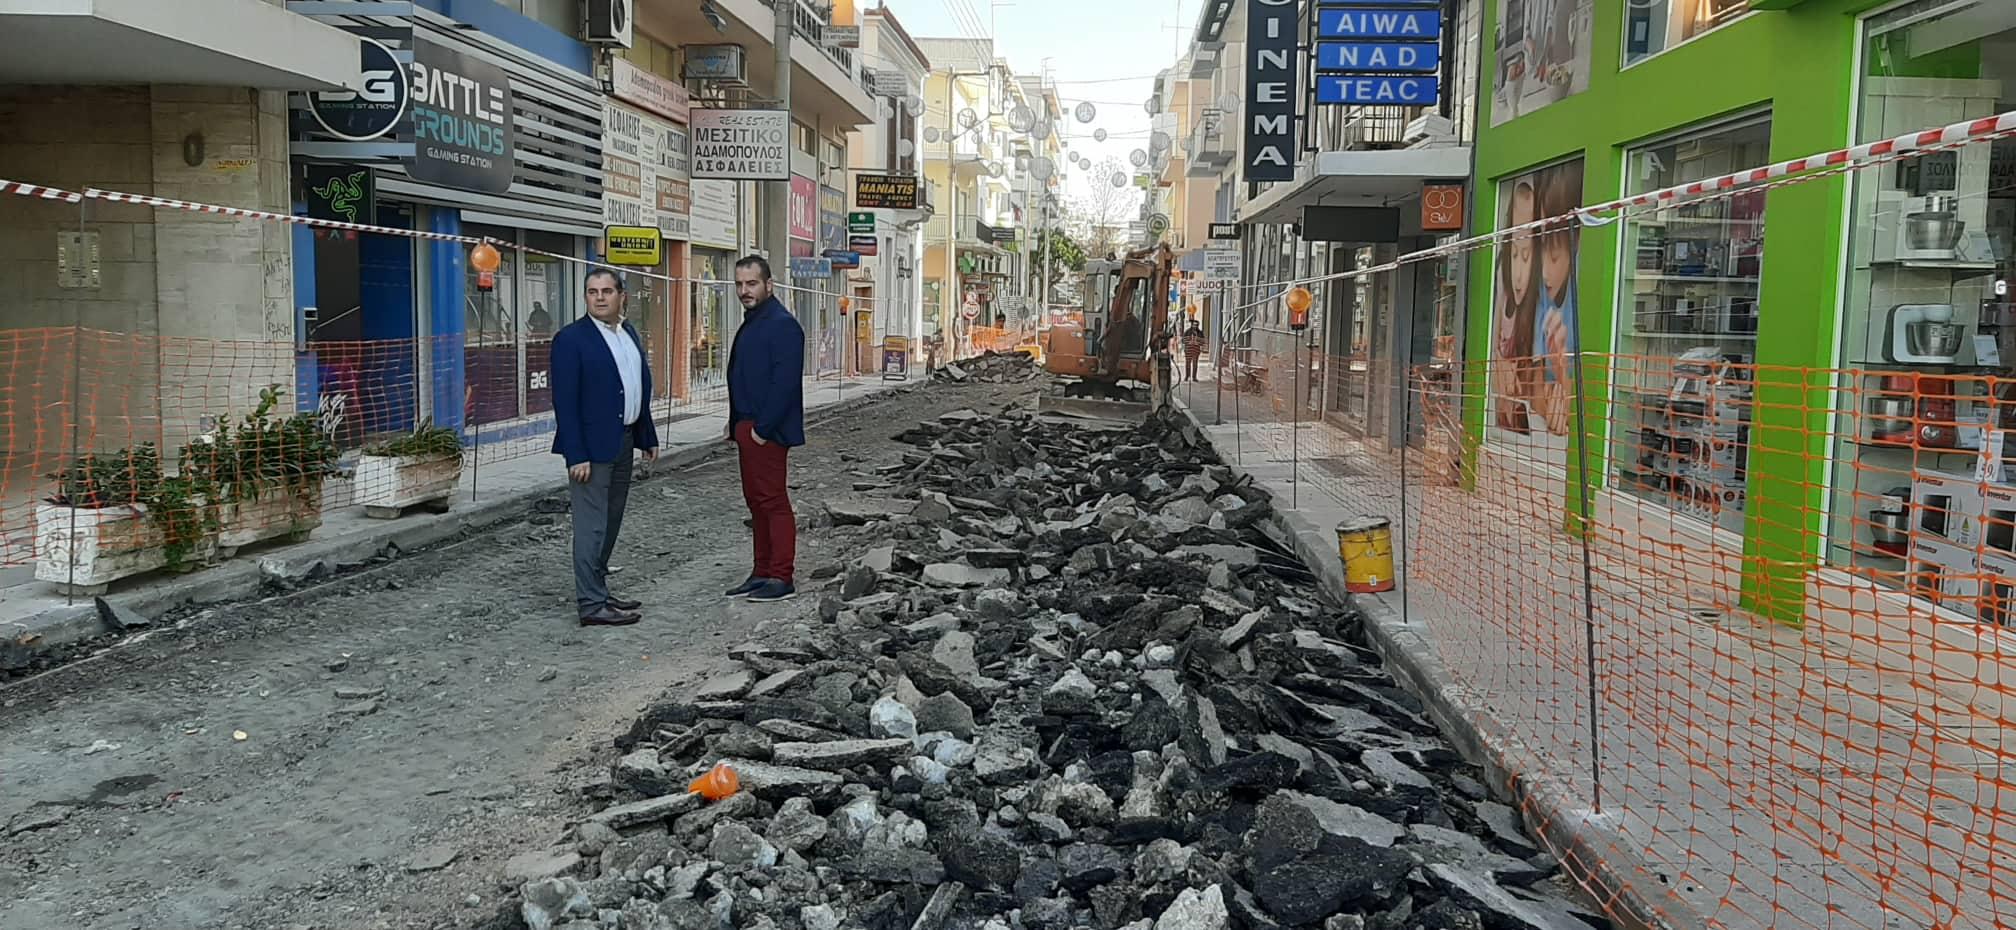 Ξεκίνησαν οι εργασίες για την πεζοδρόμηση στην οδό Ιατροπούλου 2